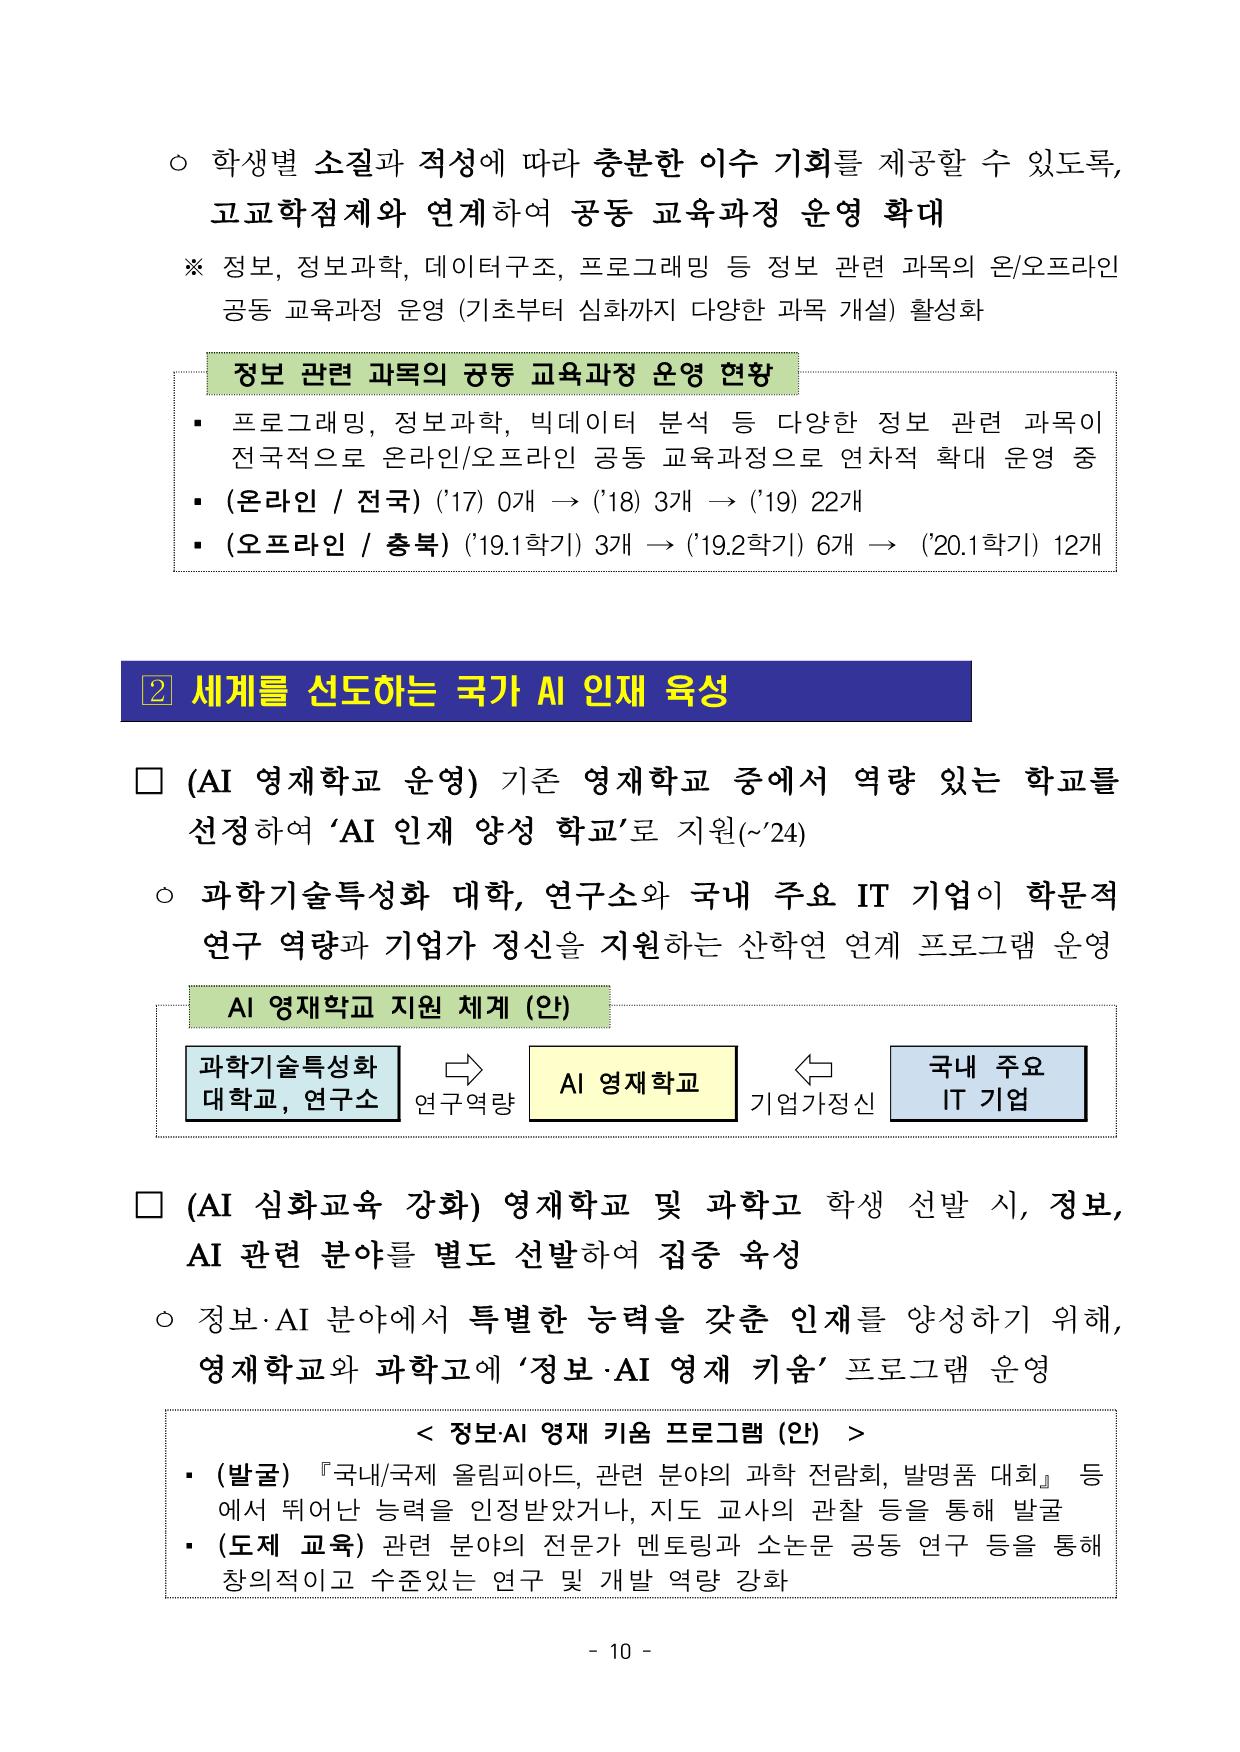 붙임 2-3. 정보교육 종합계획(안)_12.png